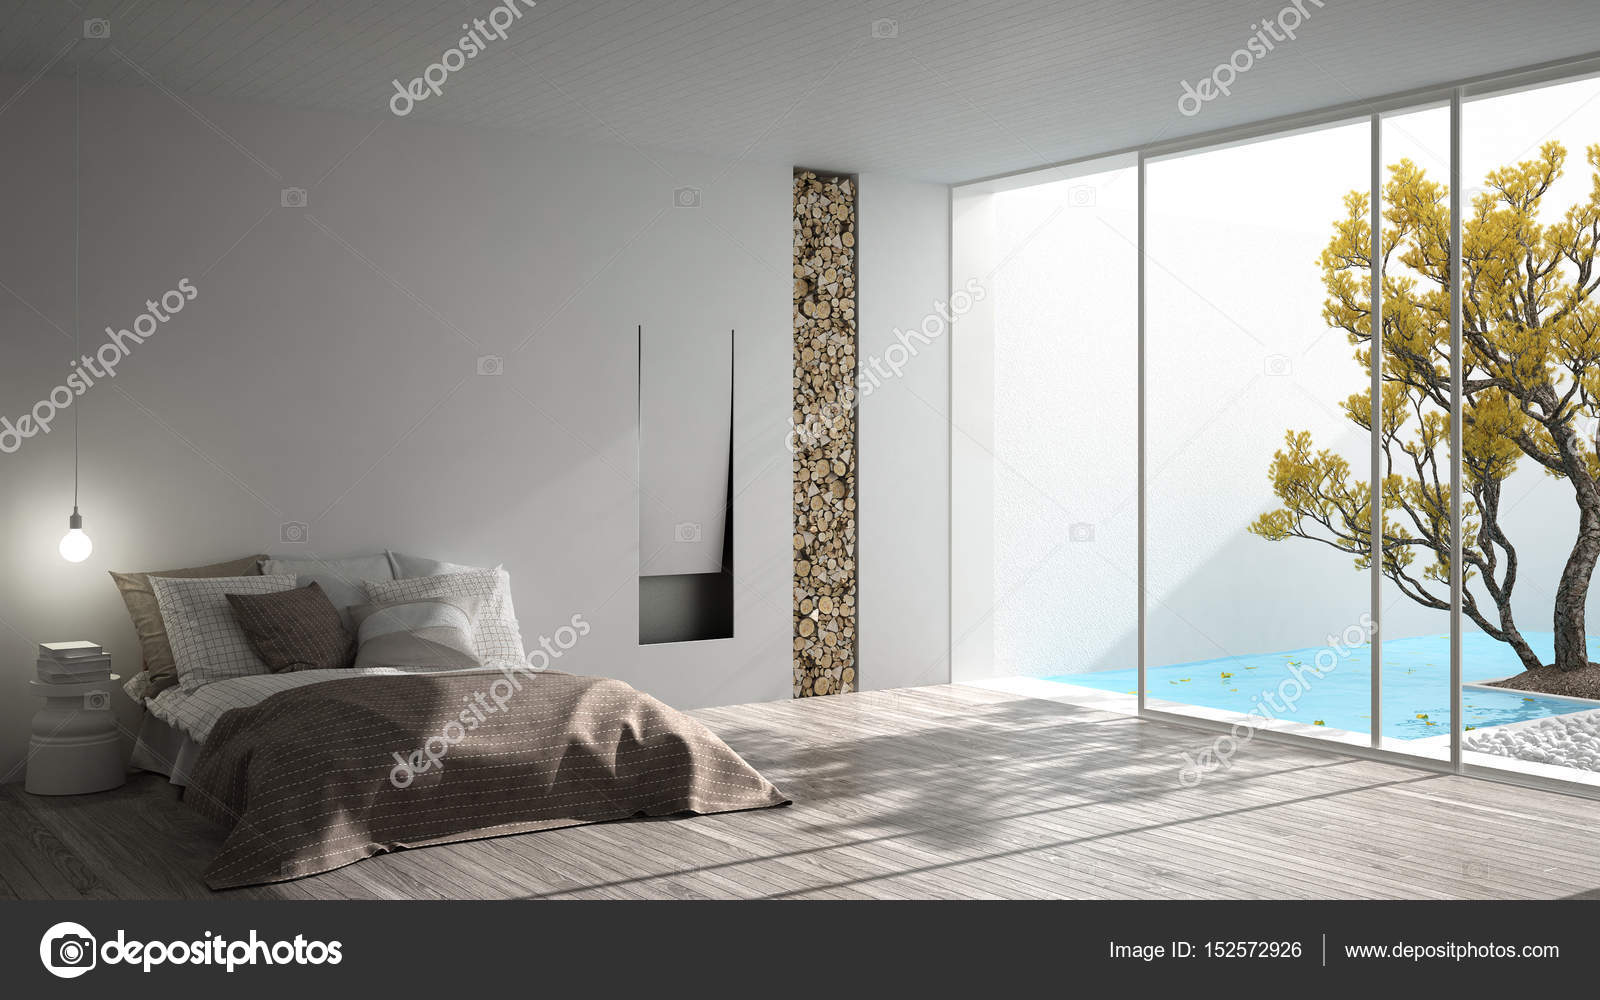 Minimalistische moderne slaapkamer met groot raam met tuin en swi